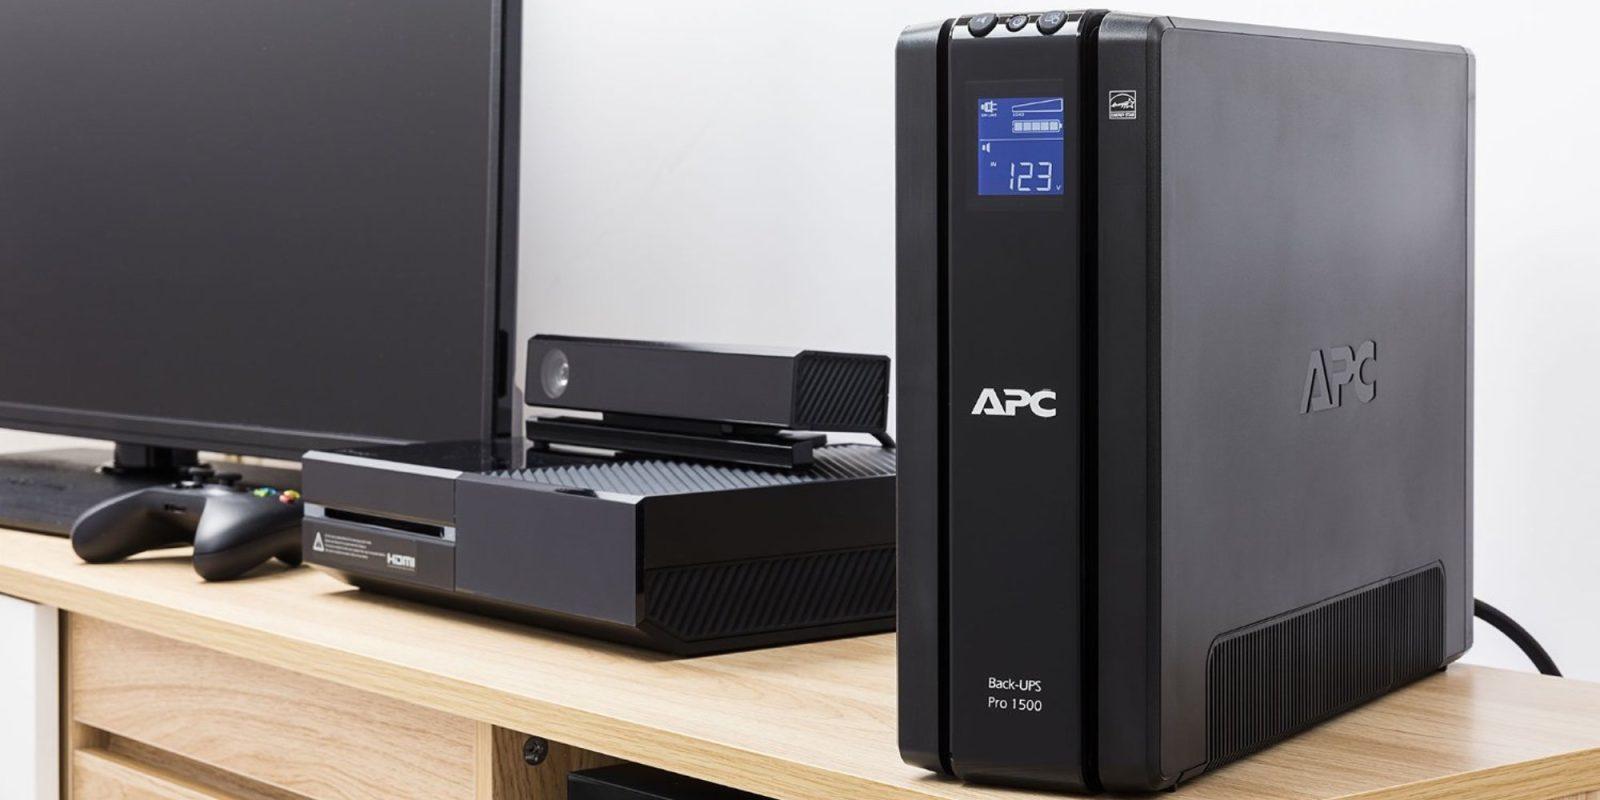 Выбираем недорогой ибп длякомпьютера